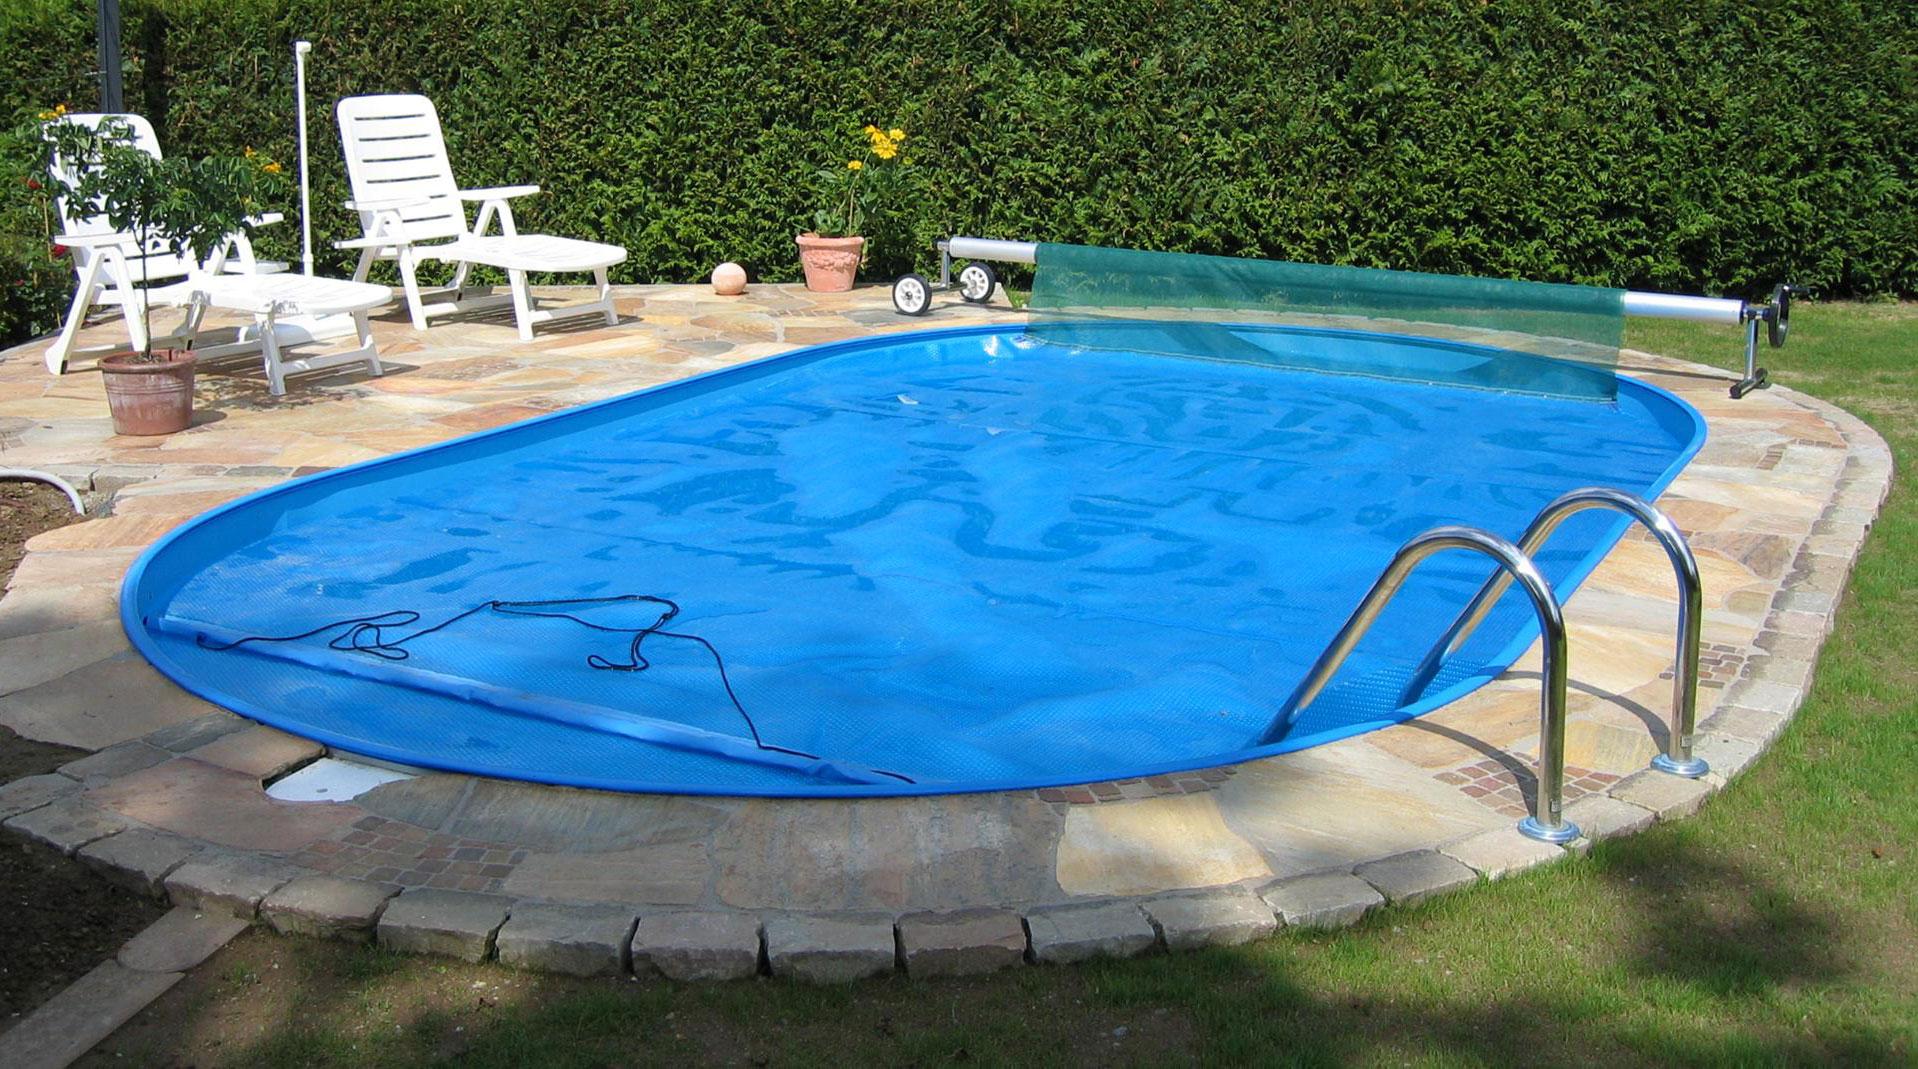 Pool schwimmbecken trend oval mit sandfilter 4 50x2 50x1 20m bei - Pool mit sandfilter ...